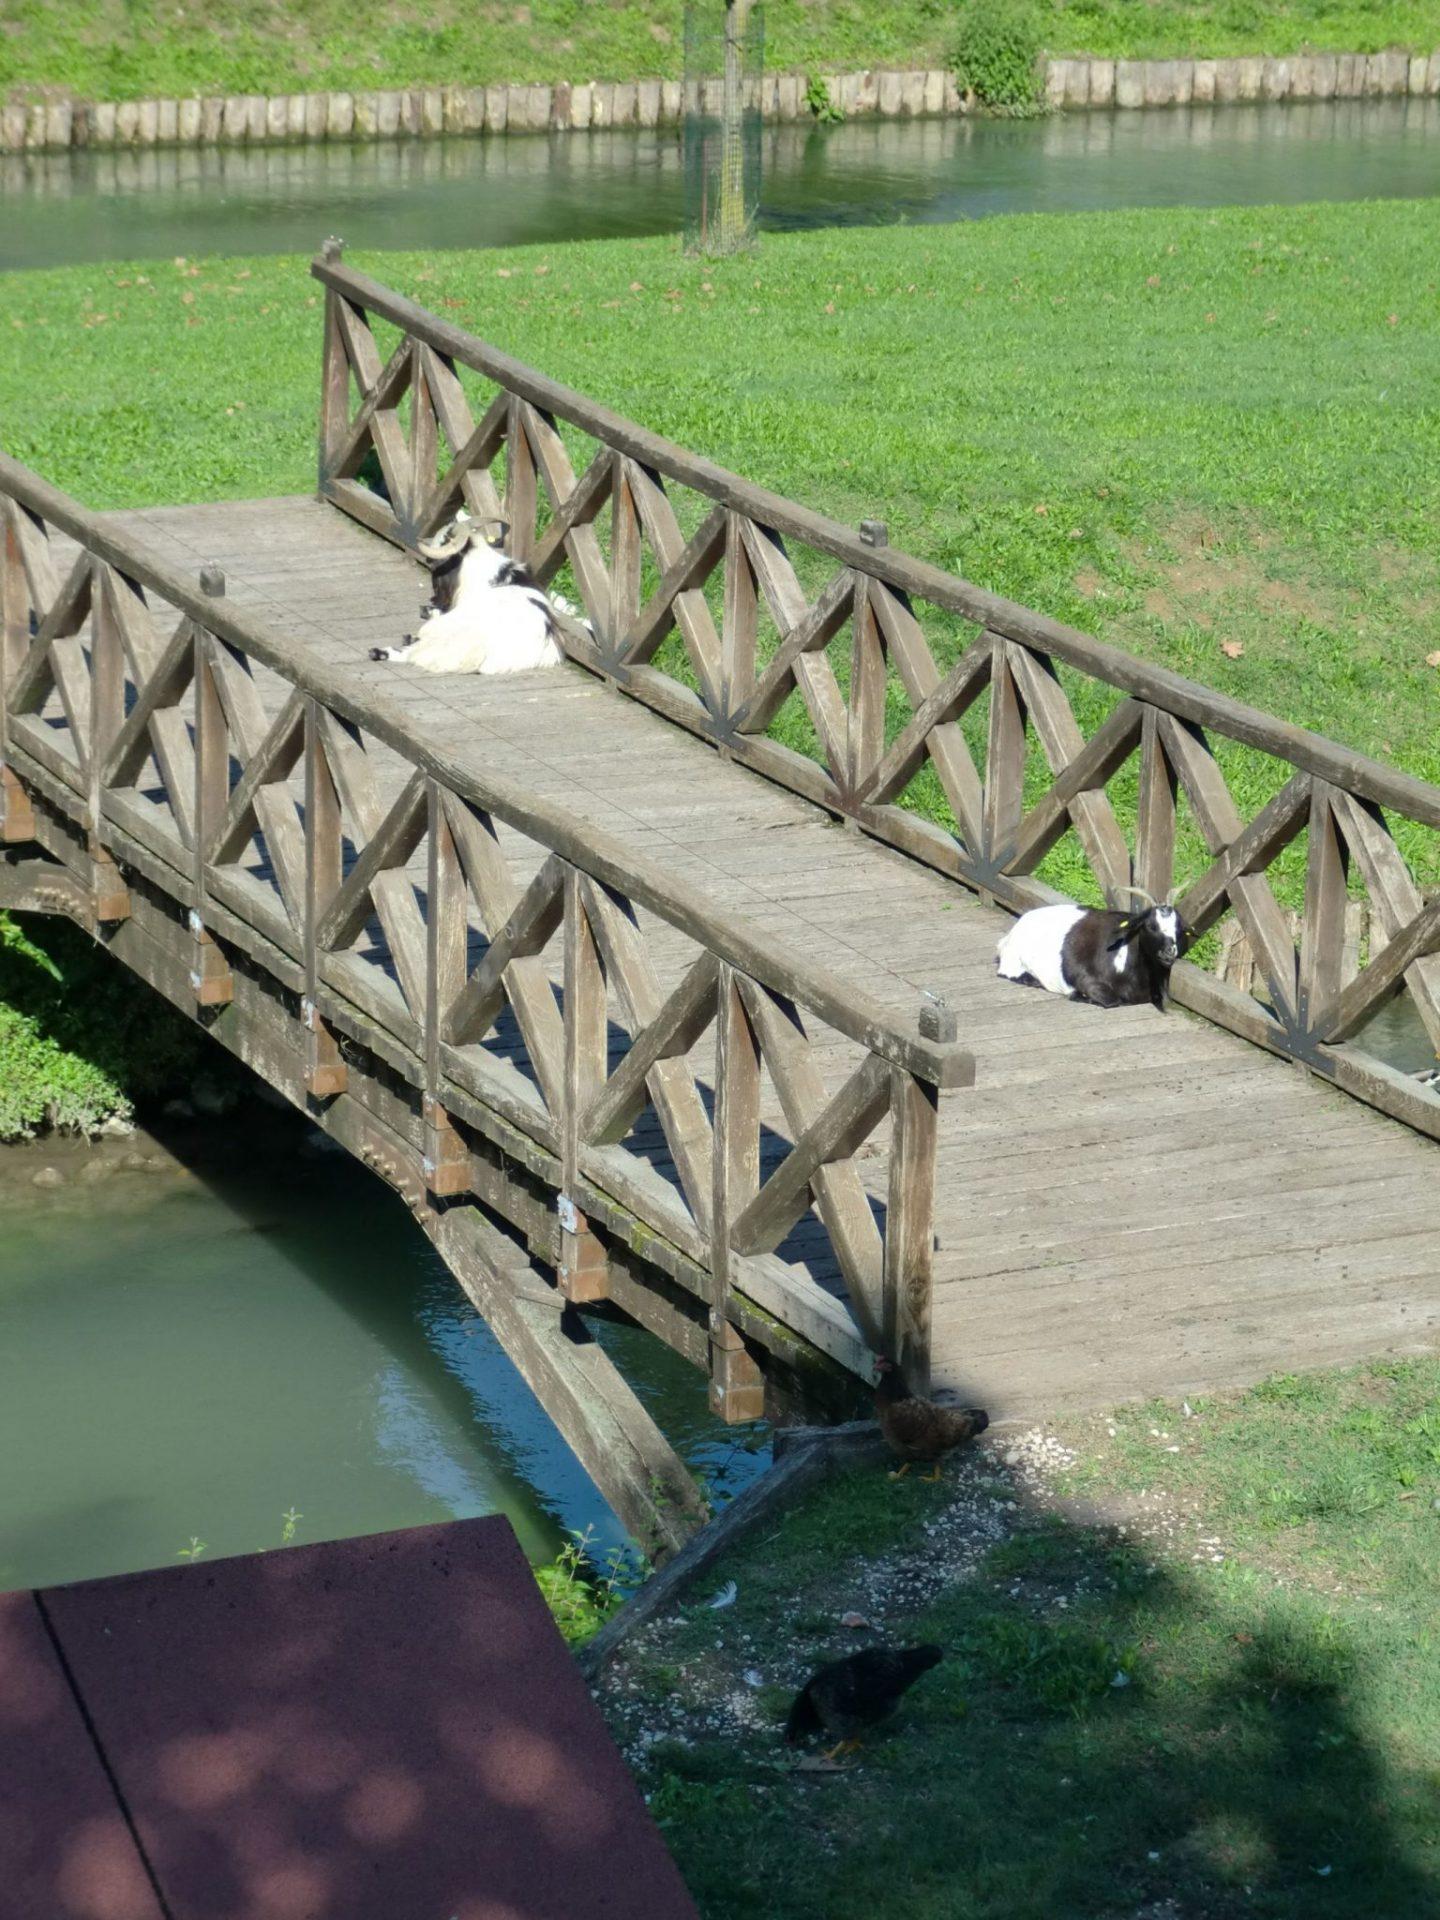 Treviso parco 7 1440x1920 - Treviso: Italian beauty